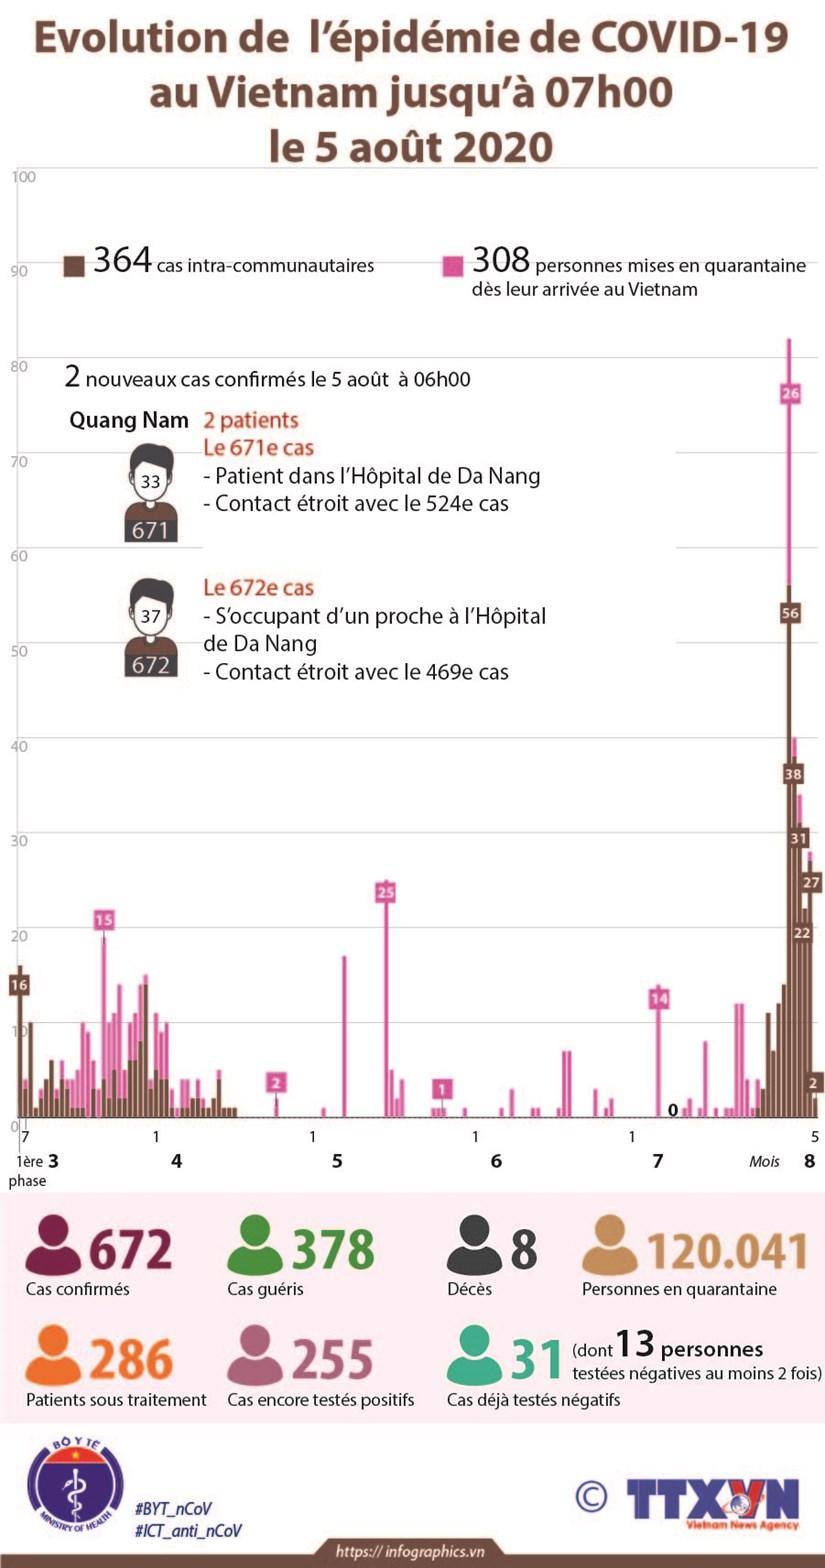 Evolution de l'epidemie de COVID-19 au Vietnam jusqu'a 07h00 le 5 aout 2020 hinh anh 1